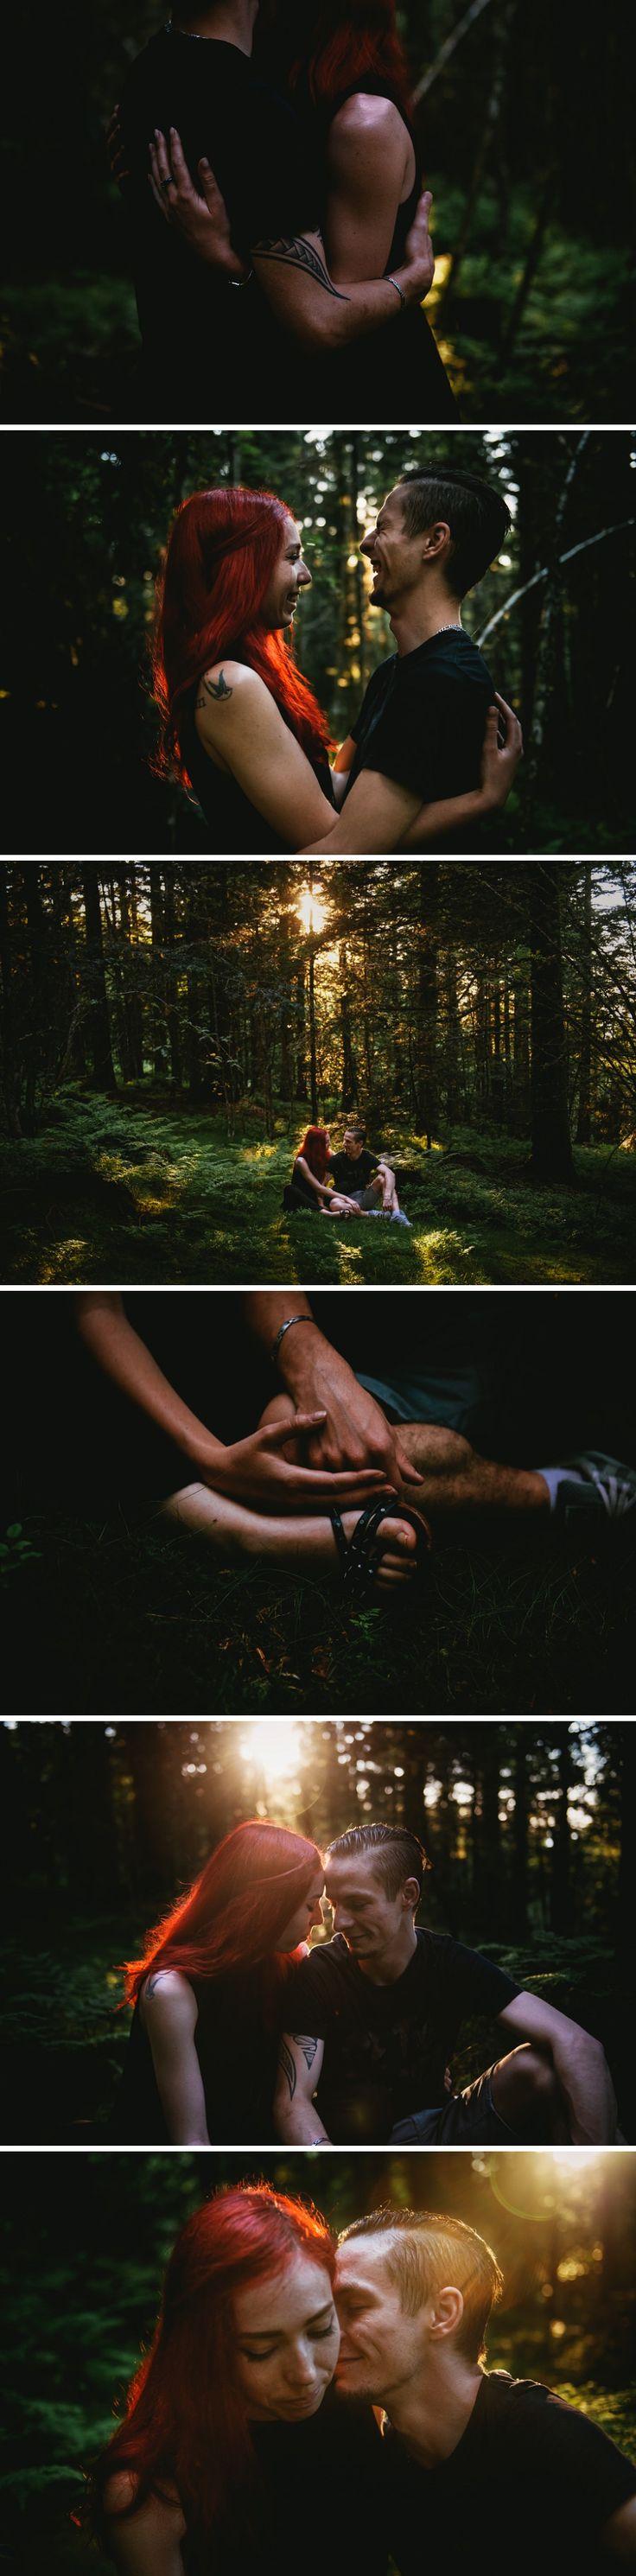 Séance couple intime en forêt - couple tatoué - cheveux rouges // Zephyr & Luna